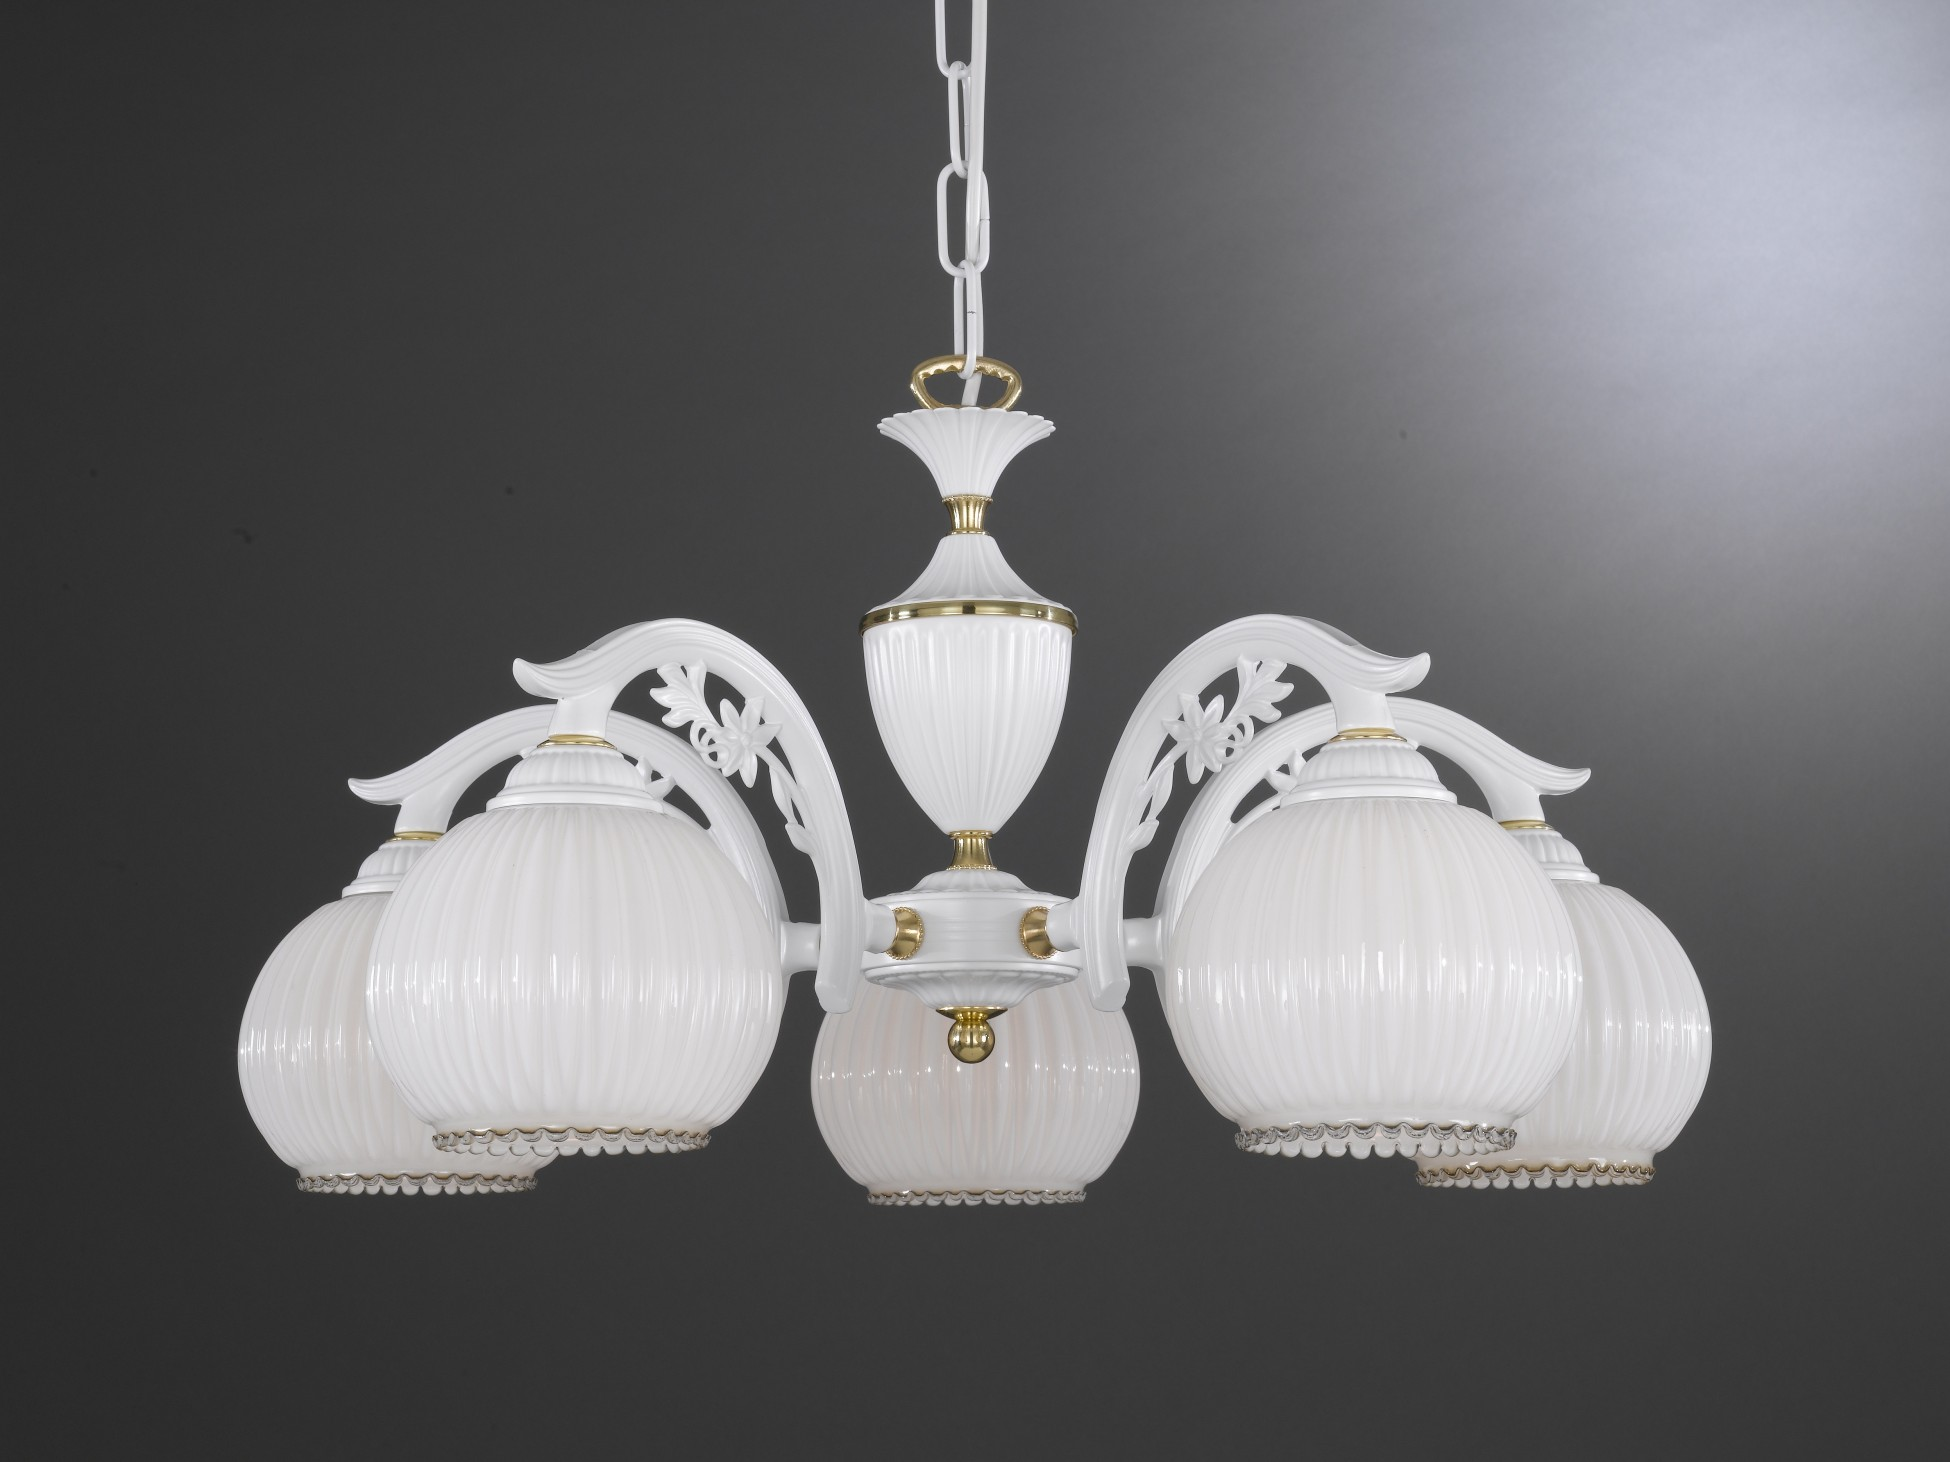 Lampadario classico a 5 luci vetro bianco soffiato for Lampadario classico